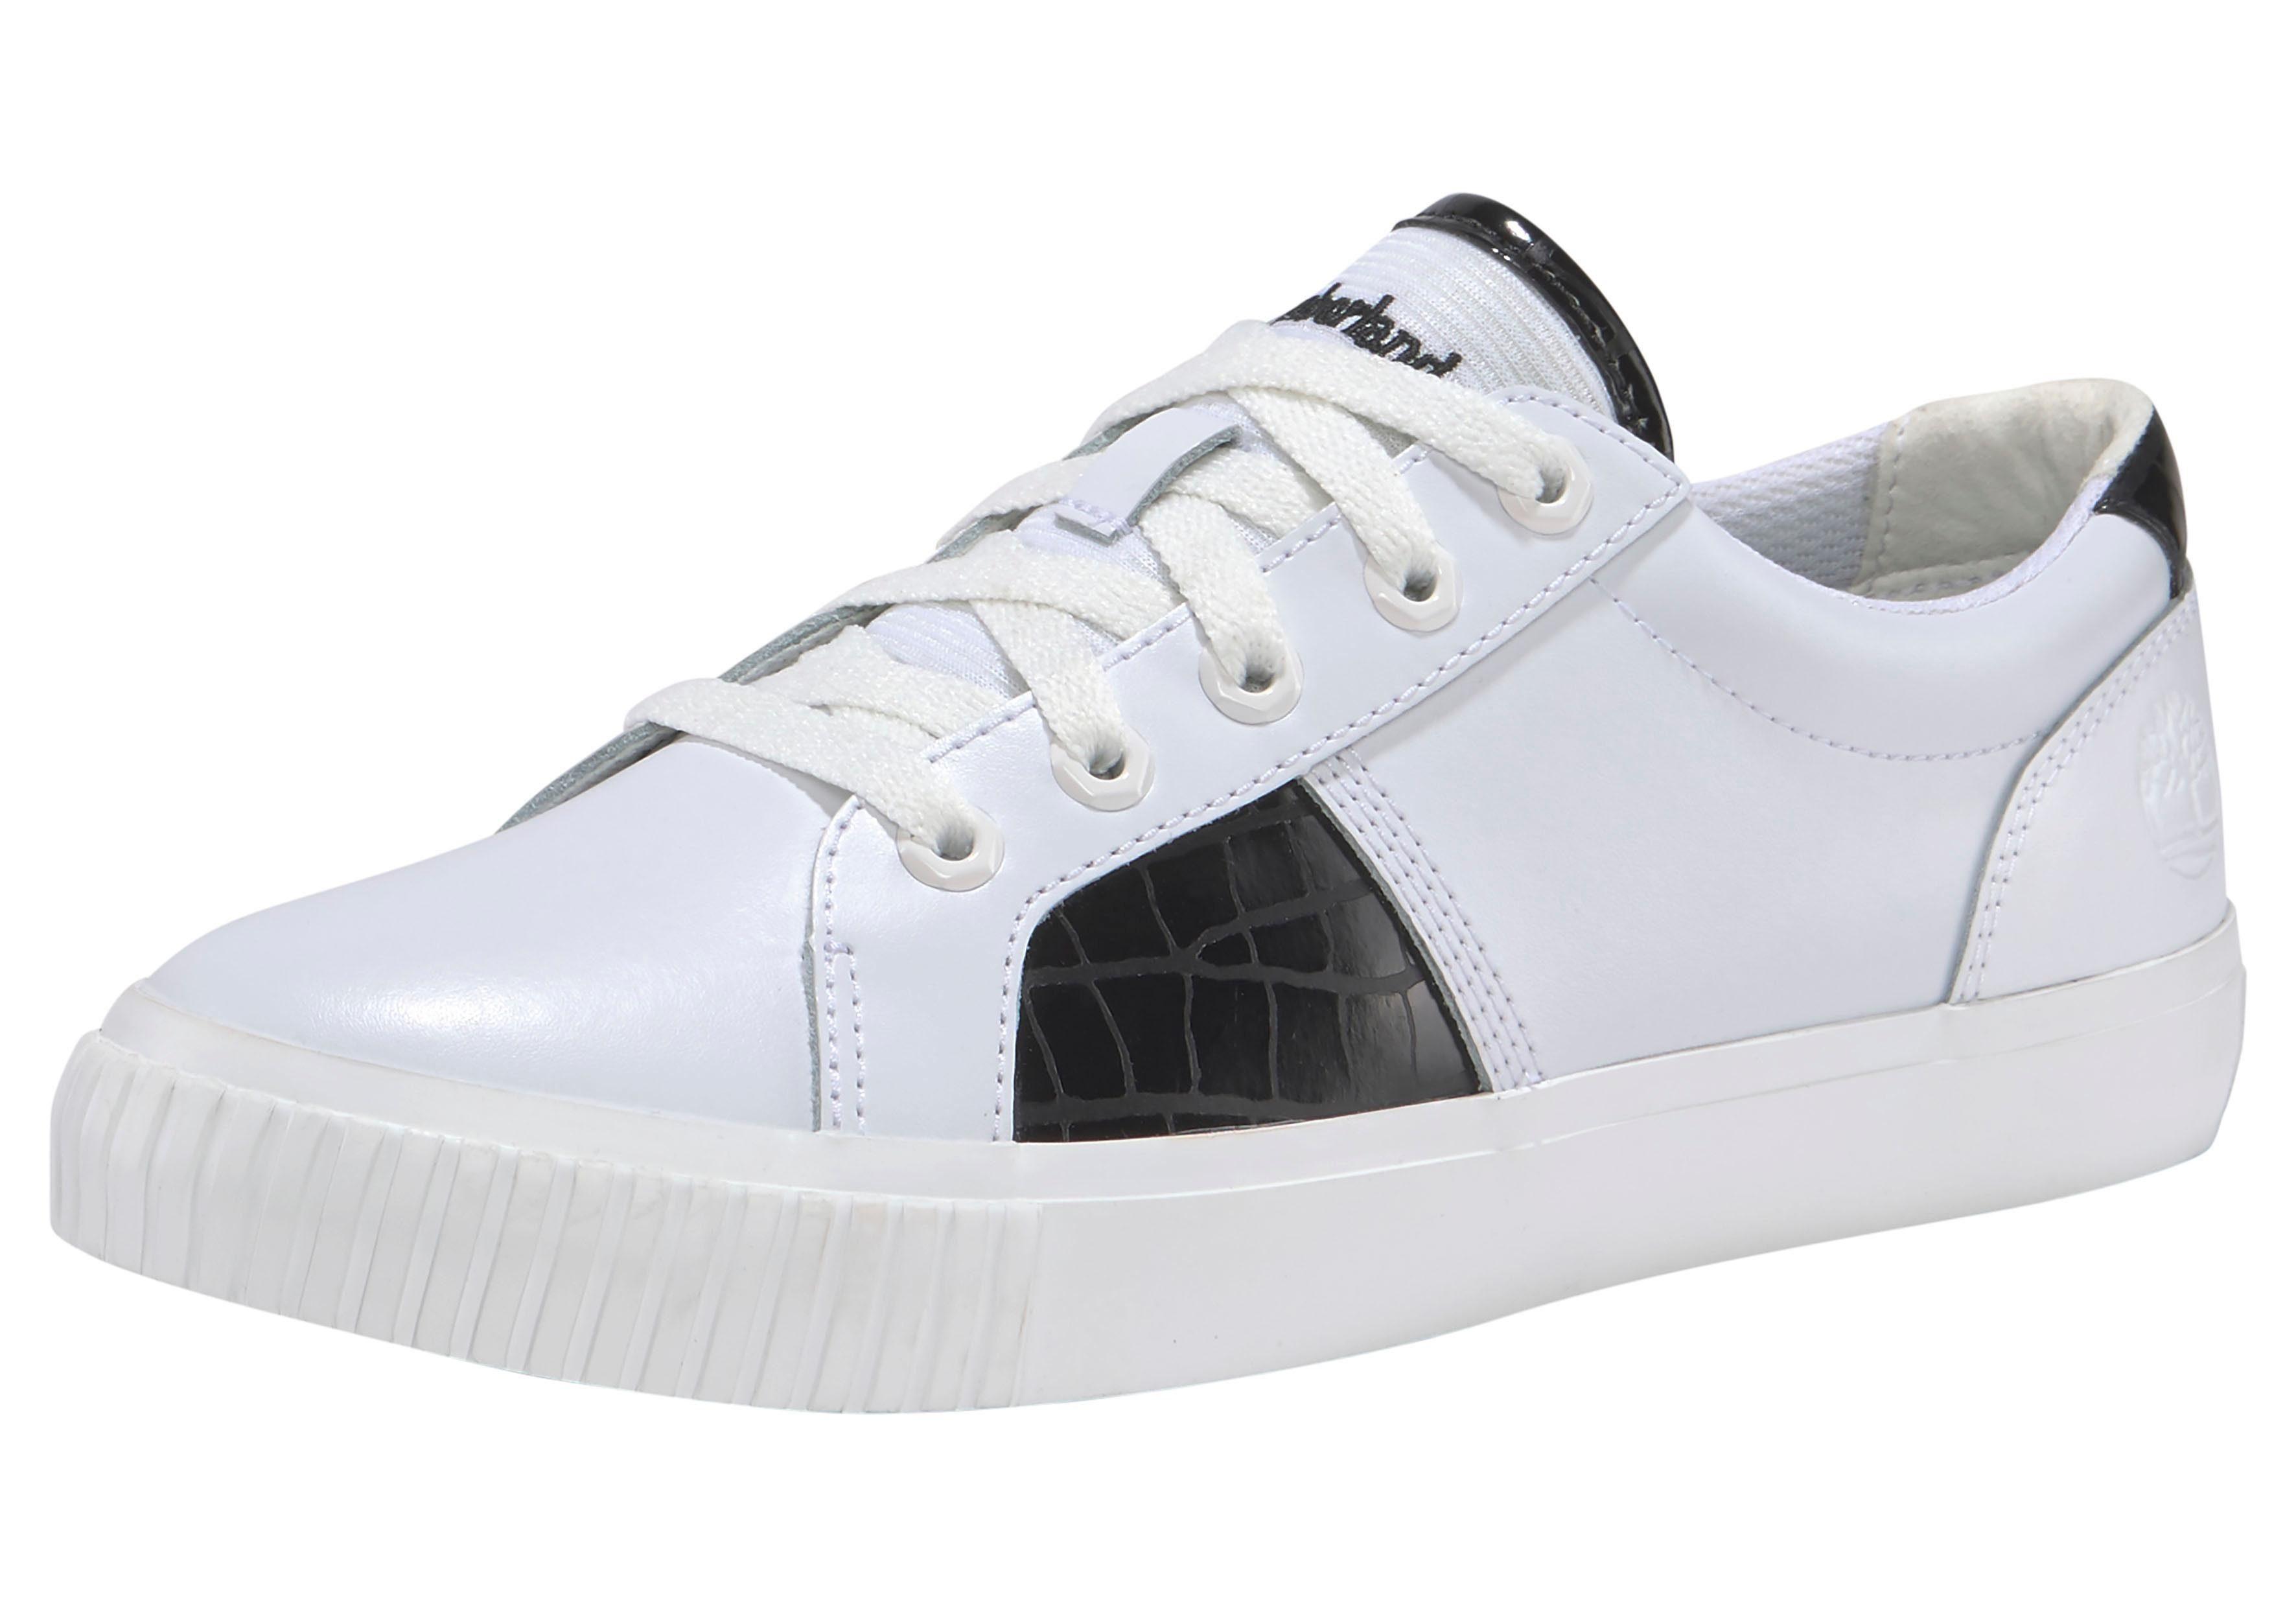 Timberland »Skyla Bay Oxford« Sneaker, Modischer Sneaker von Timberland online kaufen | OTTO